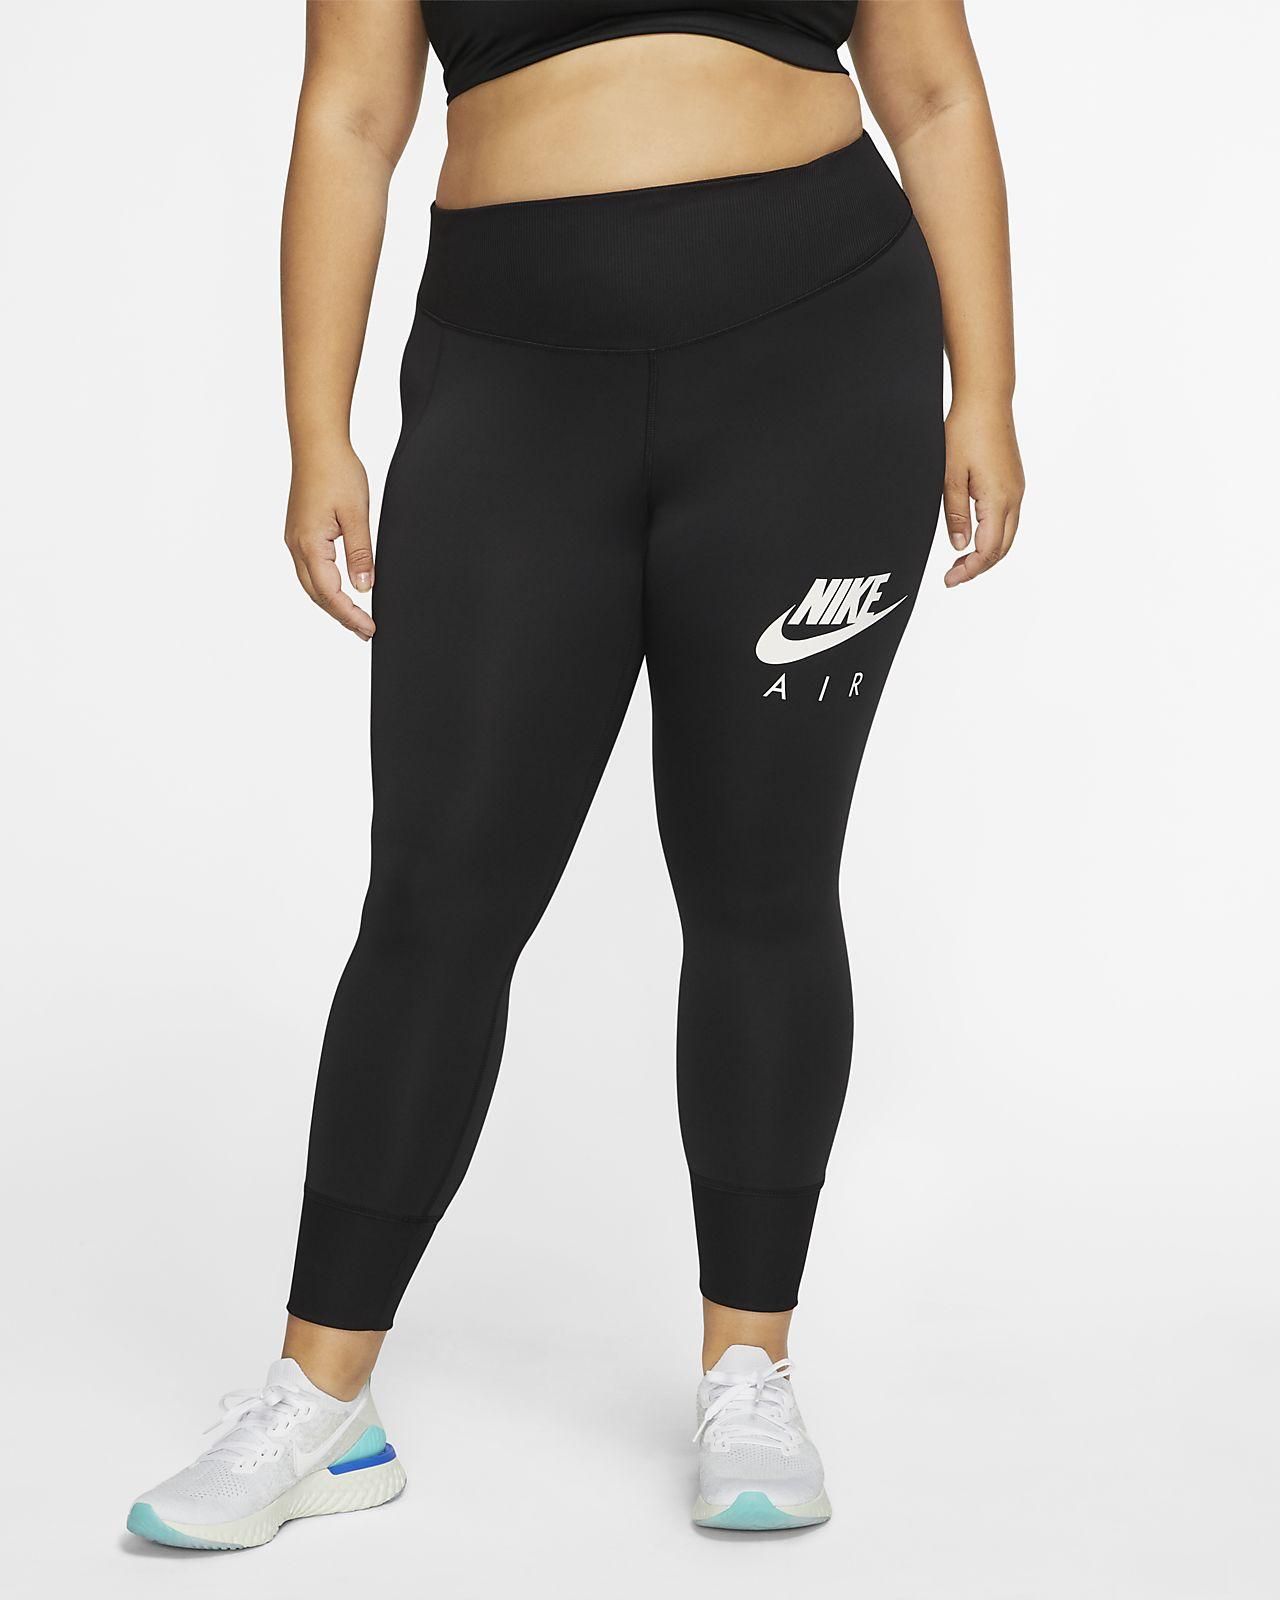 Nike Fast 78 hardlooptights voor dames (grote maten)